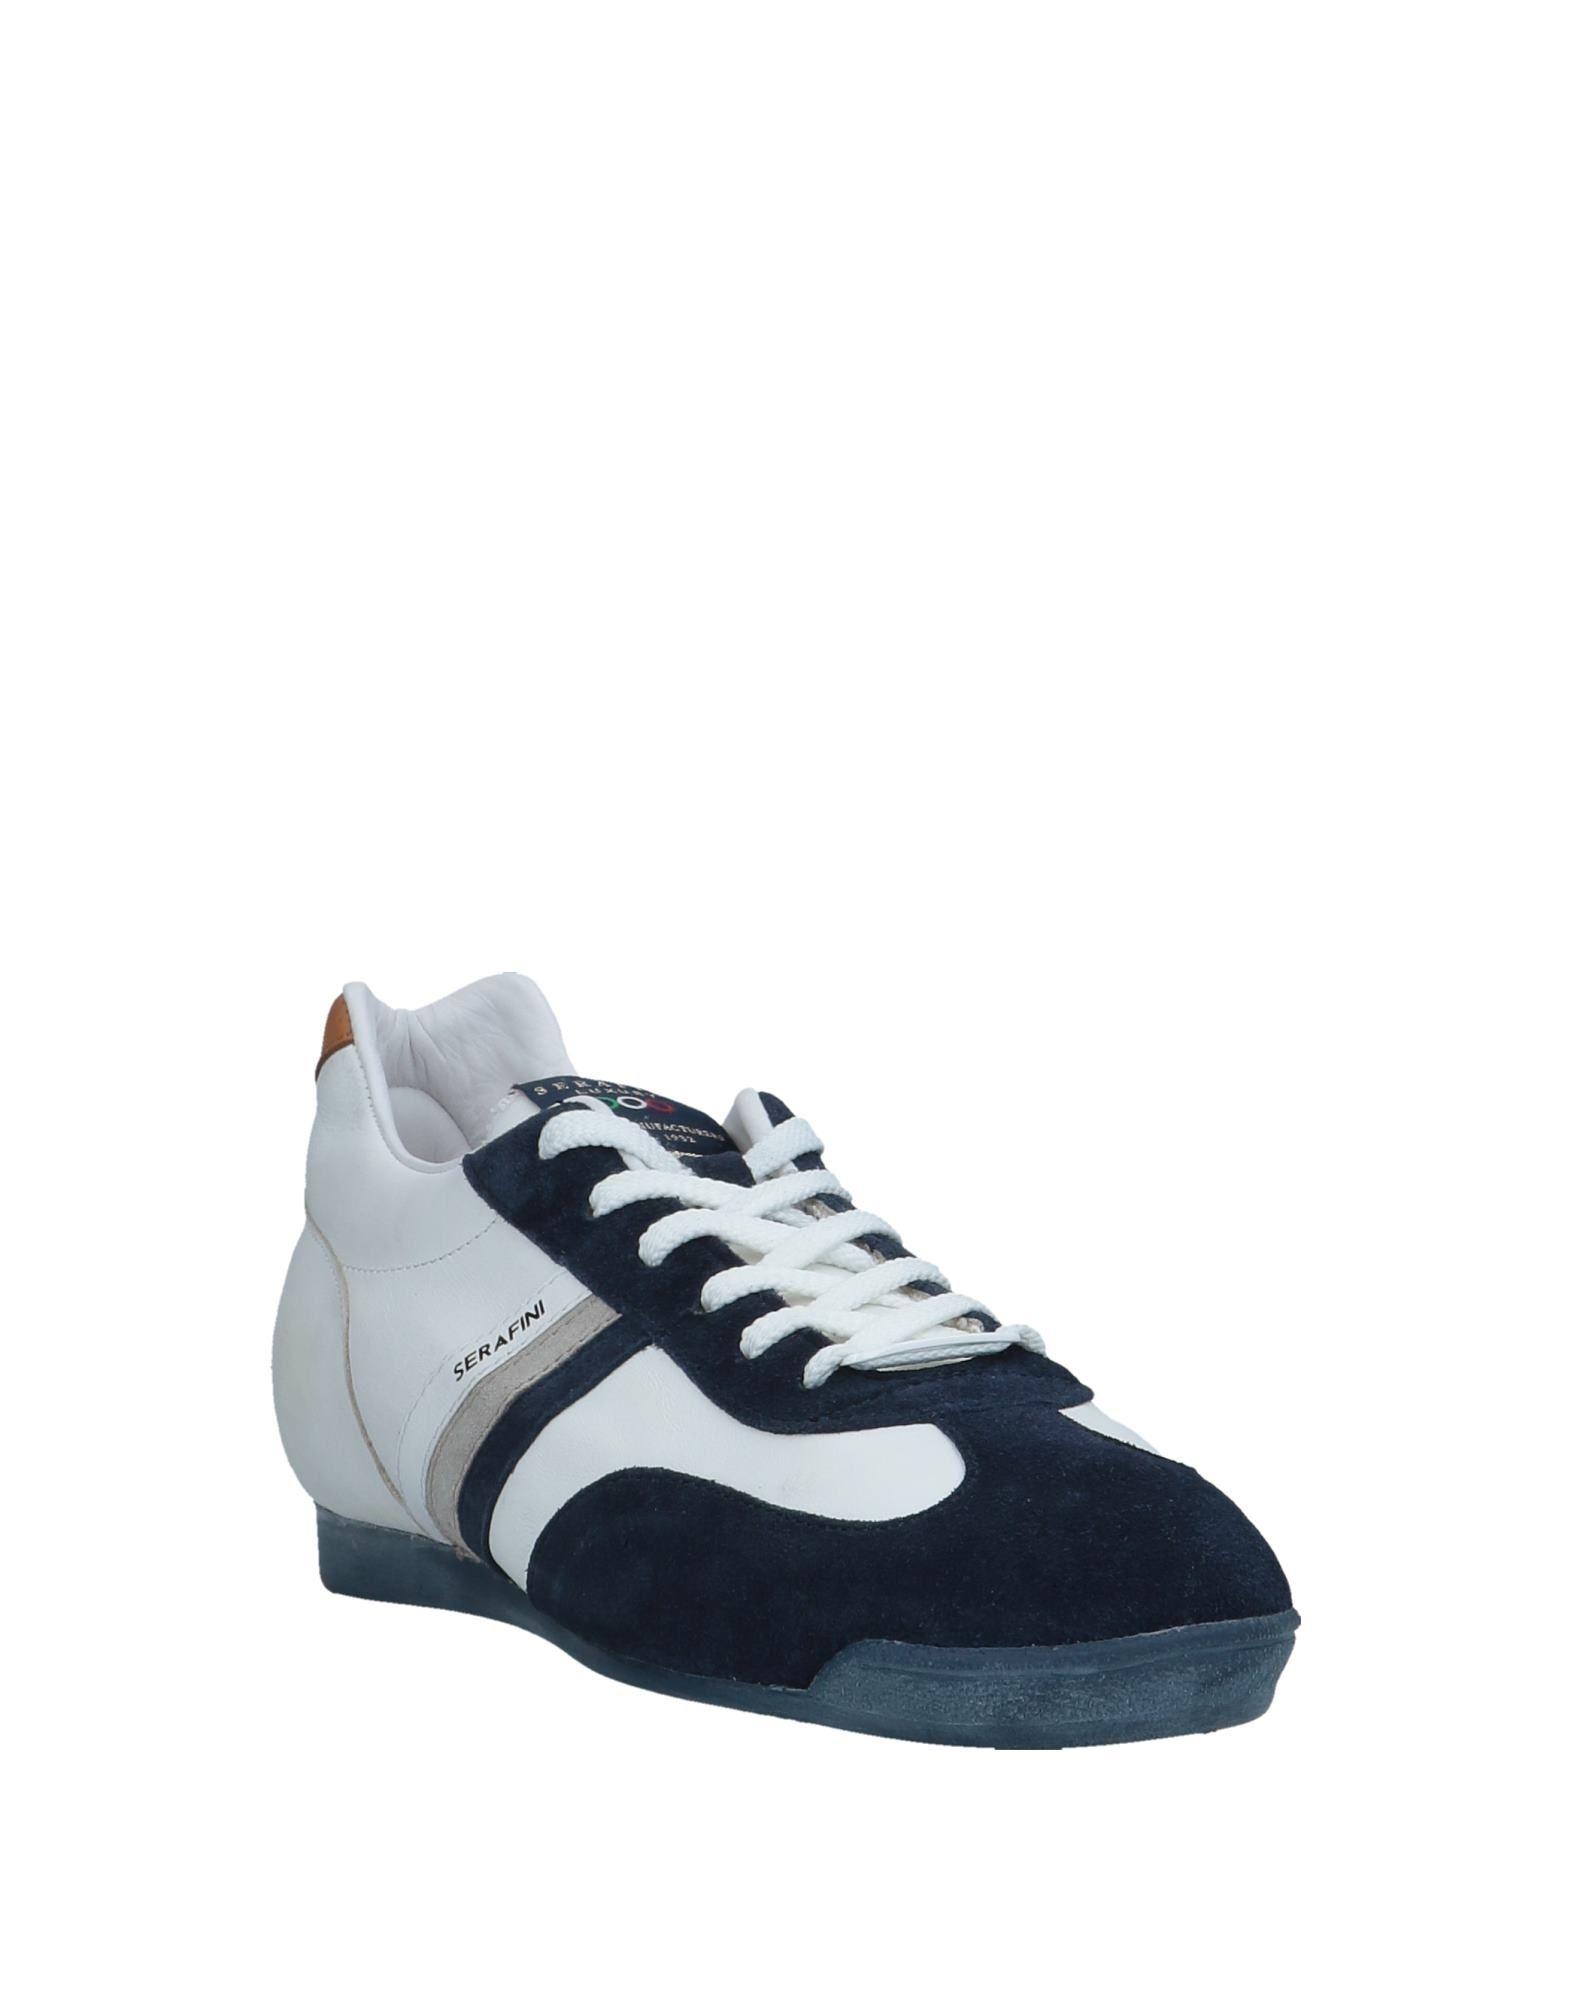 Rabatt echte Schuhe Serafini 11544026TU Sport Sneakers Herren  11544026TU Serafini 4422dd